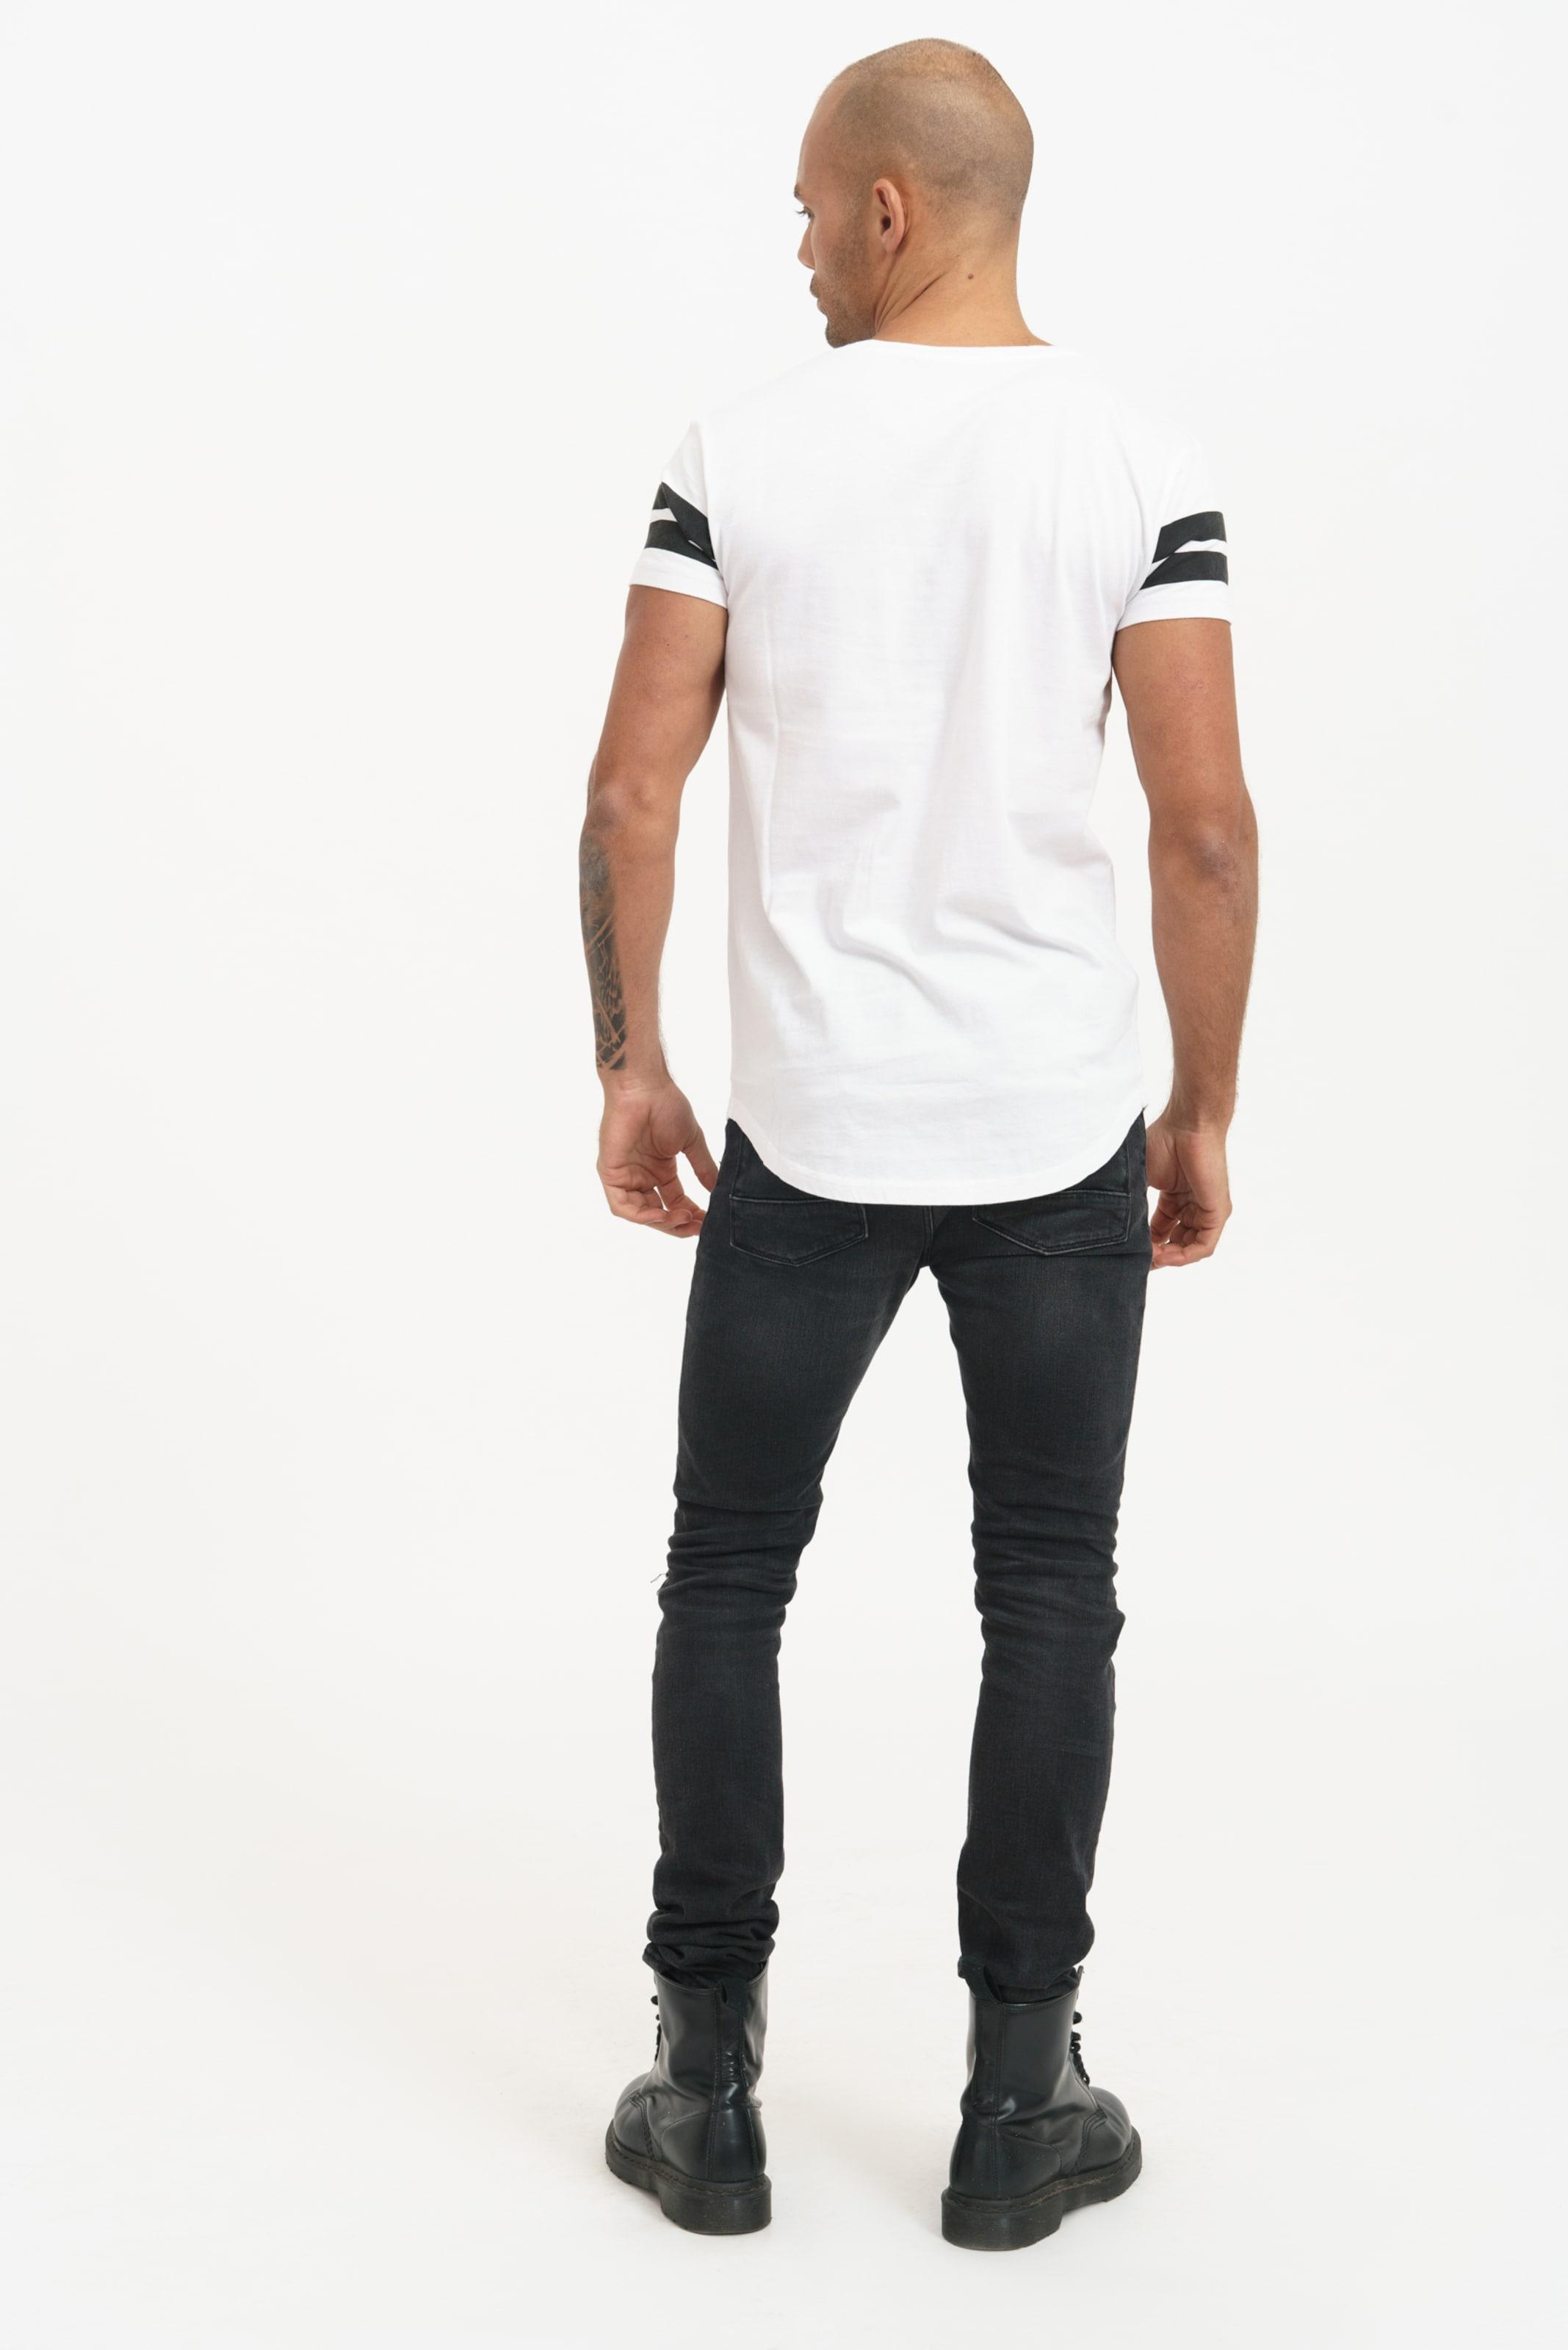 Lex Mit shirt Coolem In Weiß T Frontprint Trueprodigy K3lFJcT1